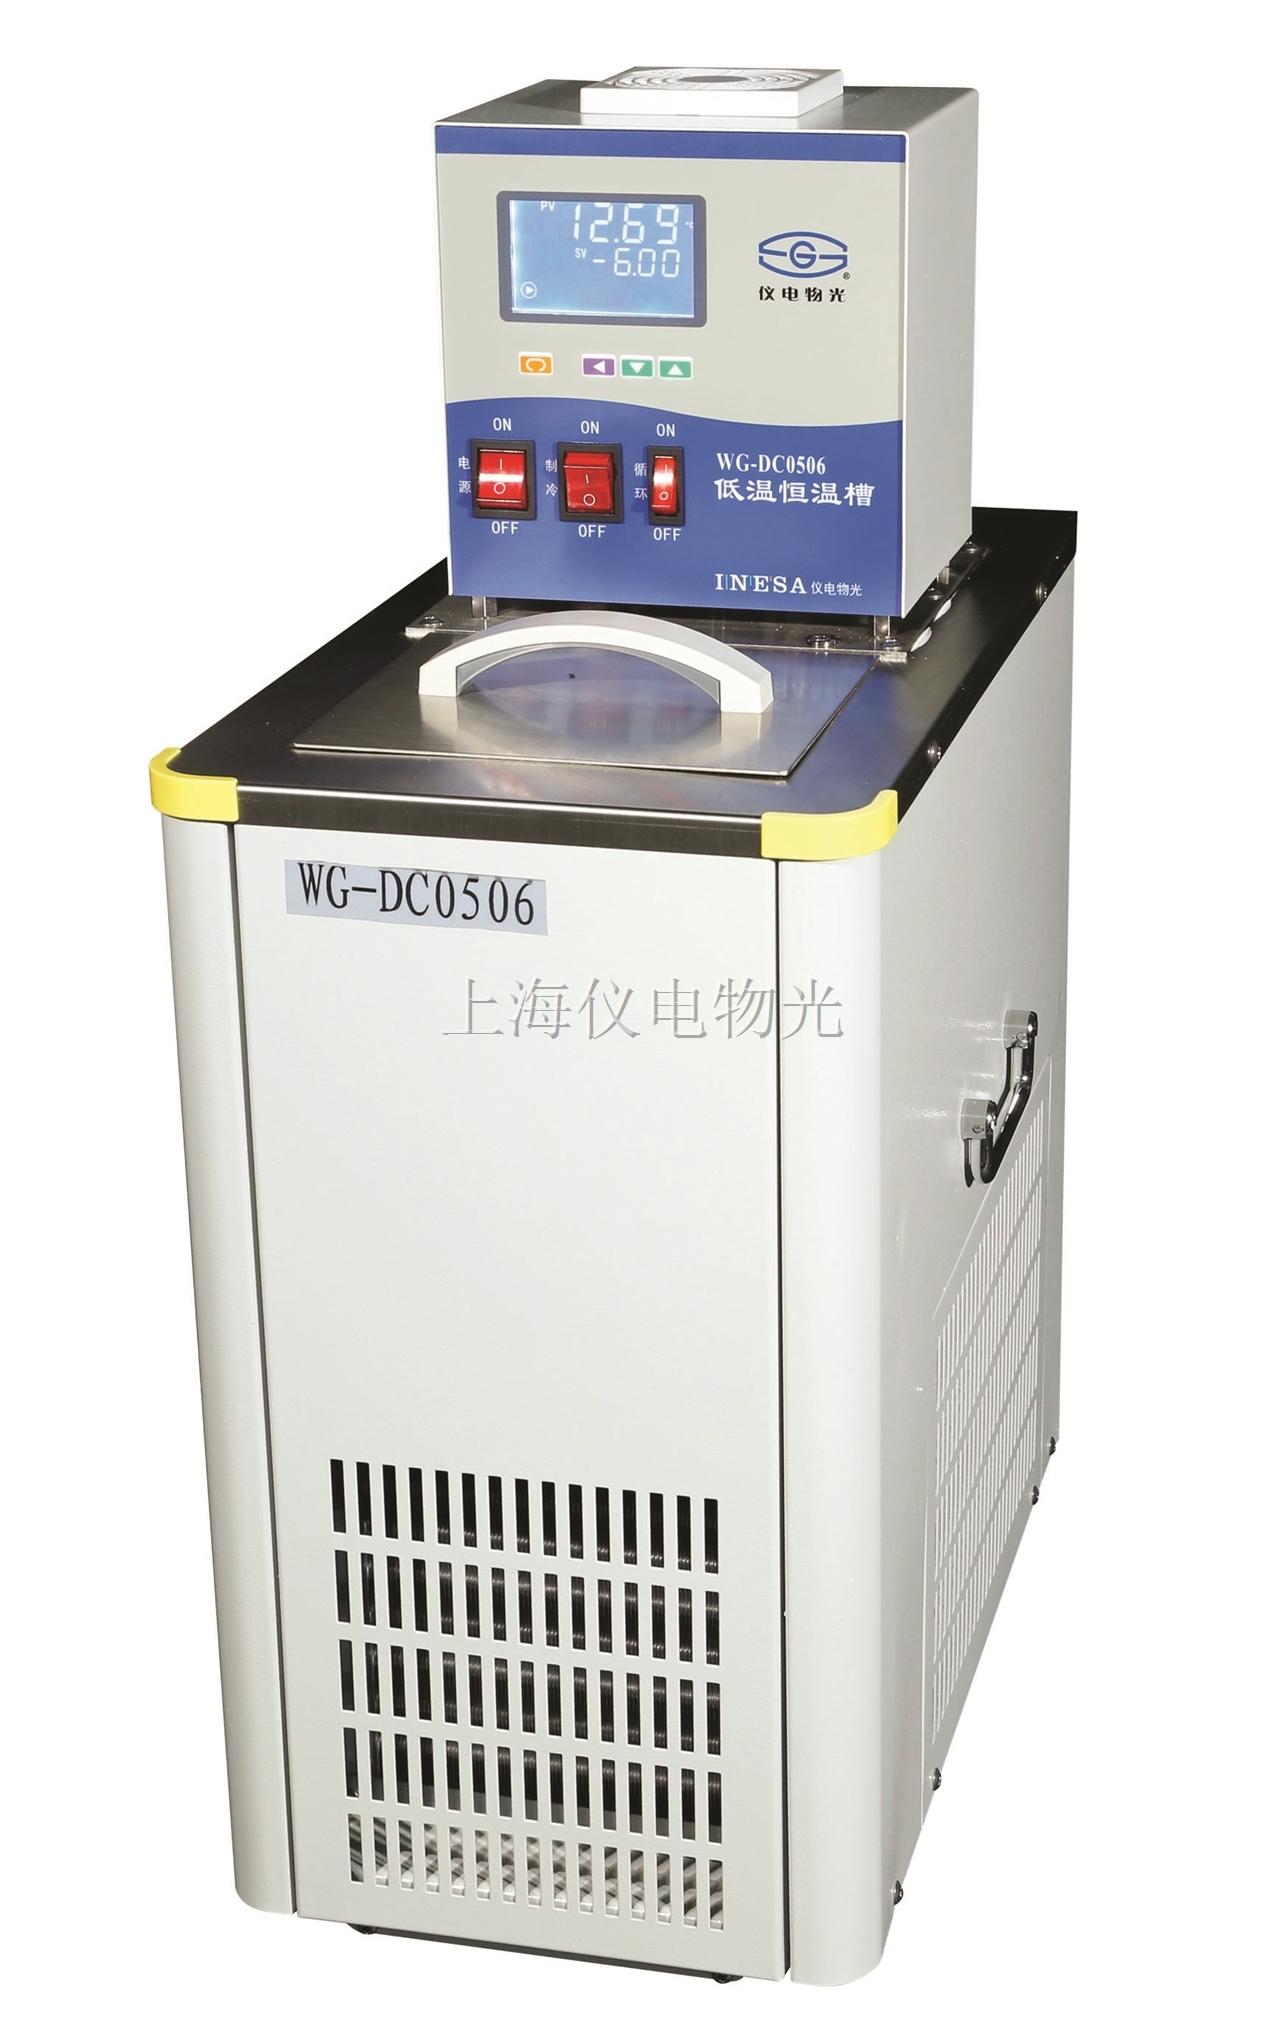 上海精科WG-DC0506低温恒温槽(仪电物光)